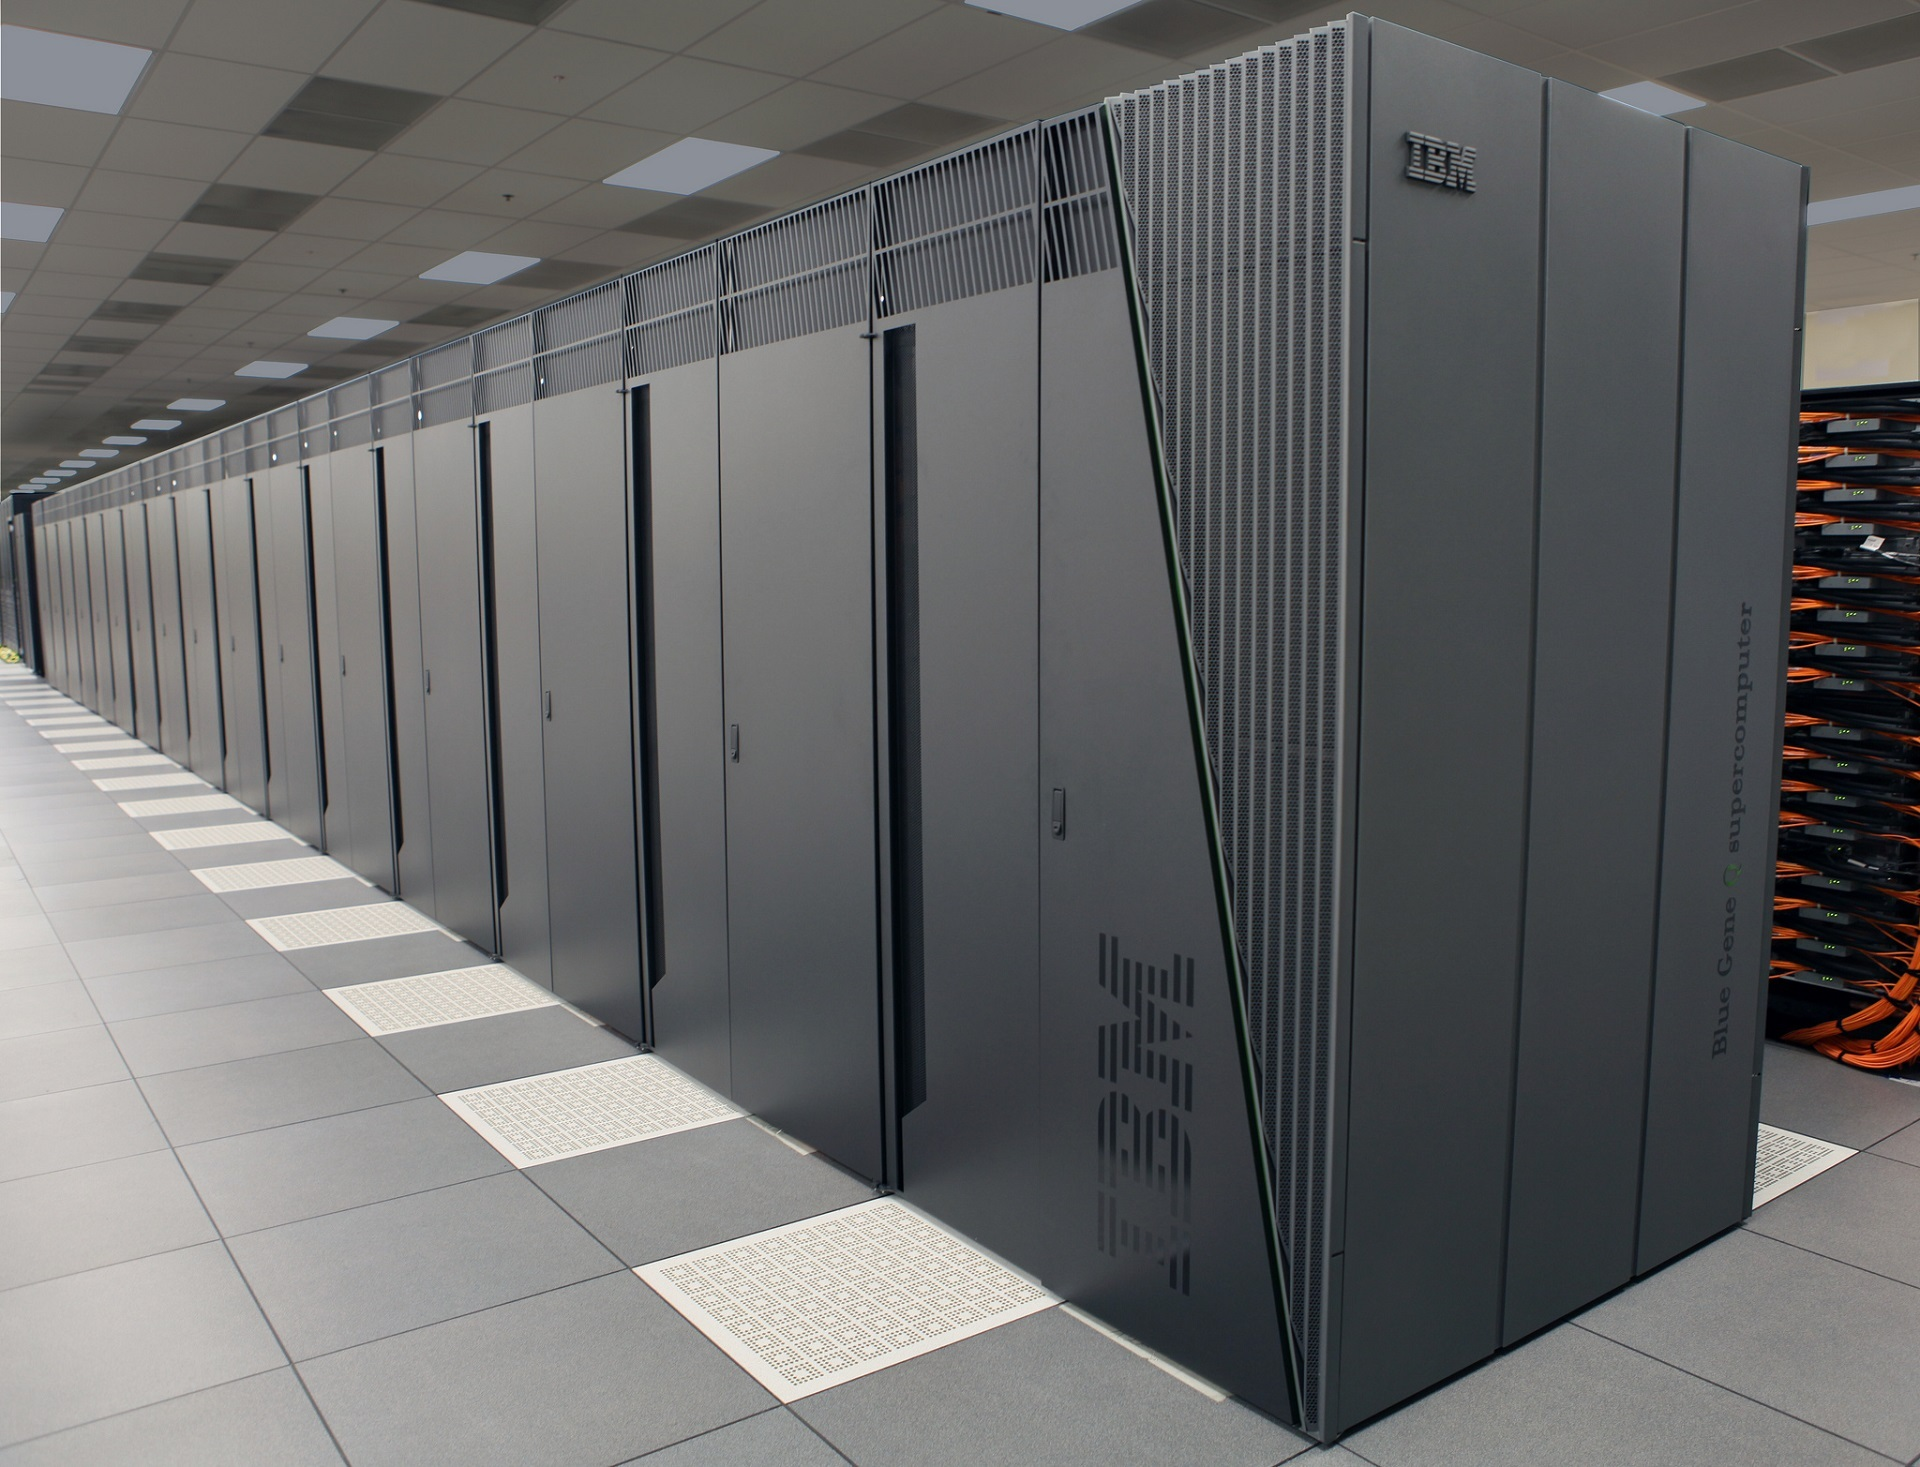 IBM ist einer der weltweit führenden Hersteller von Computer-Hardware, Software und IT-Dienstleistungen